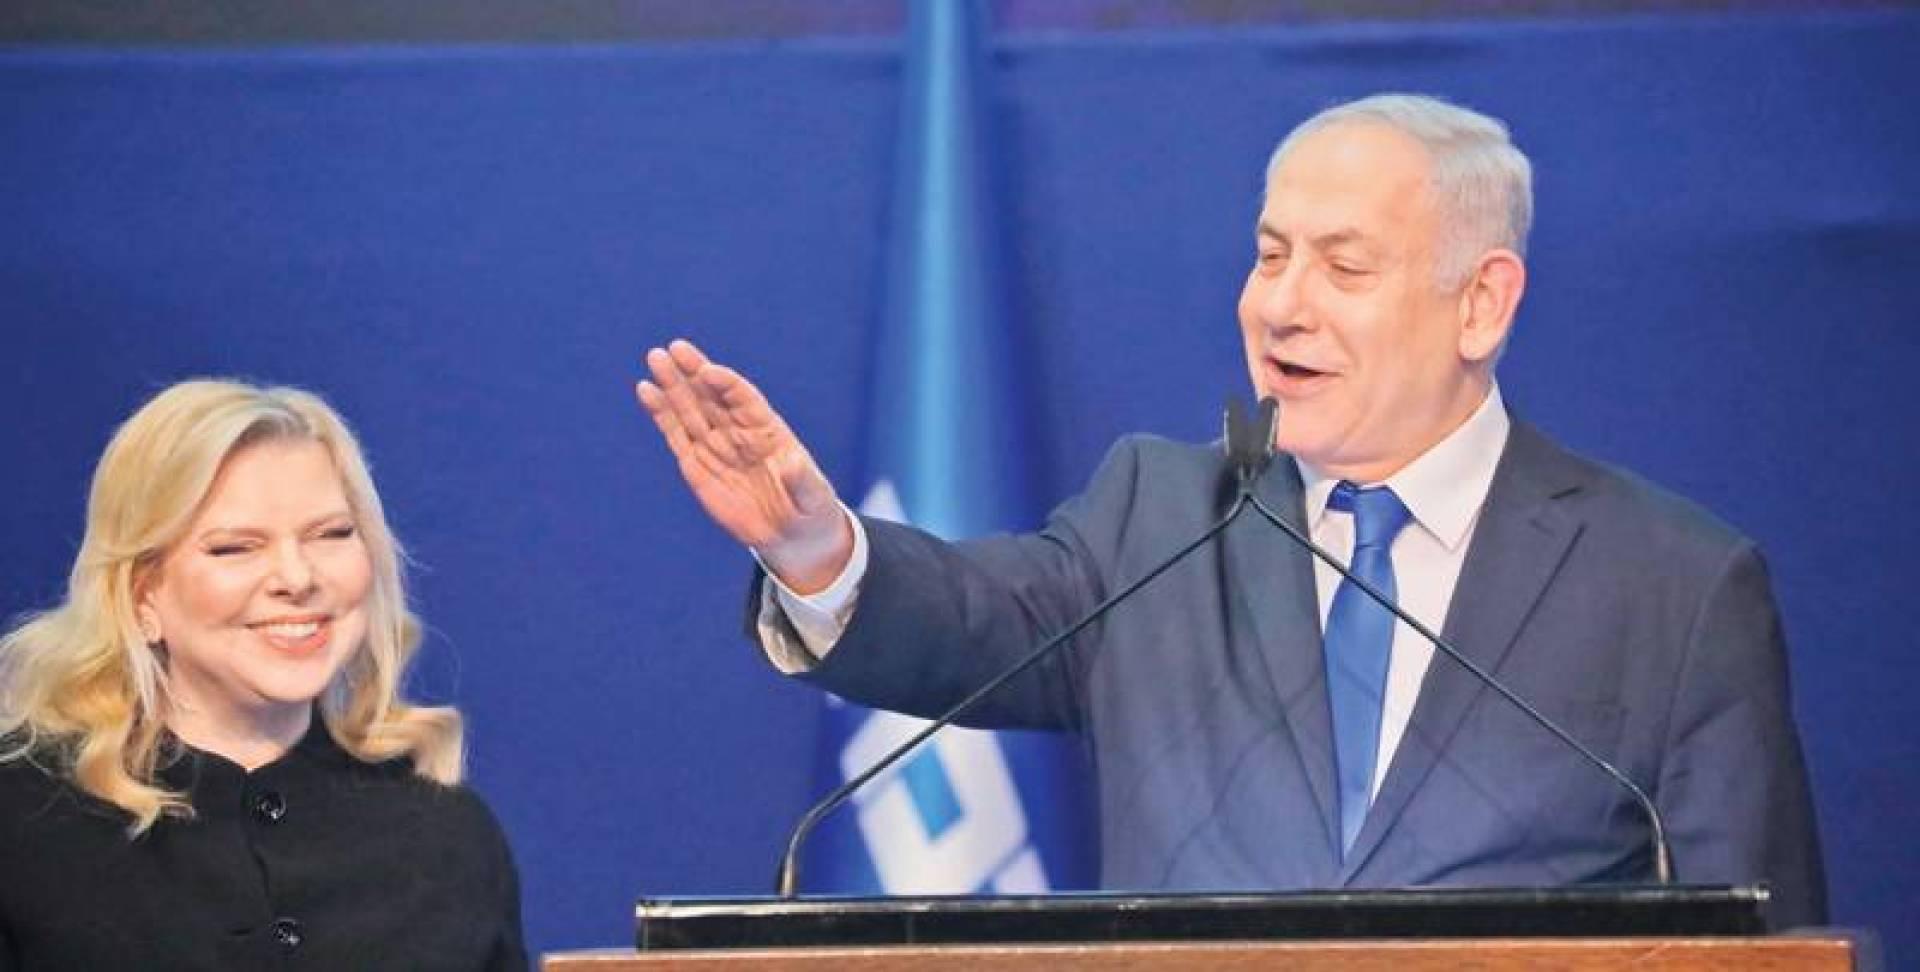 نتانياهو مع زوجته سارة مخاطباً مؤيديه بعد فوزه بالانتخابات بمقر حزبه في تل أبيب (أ.ب)